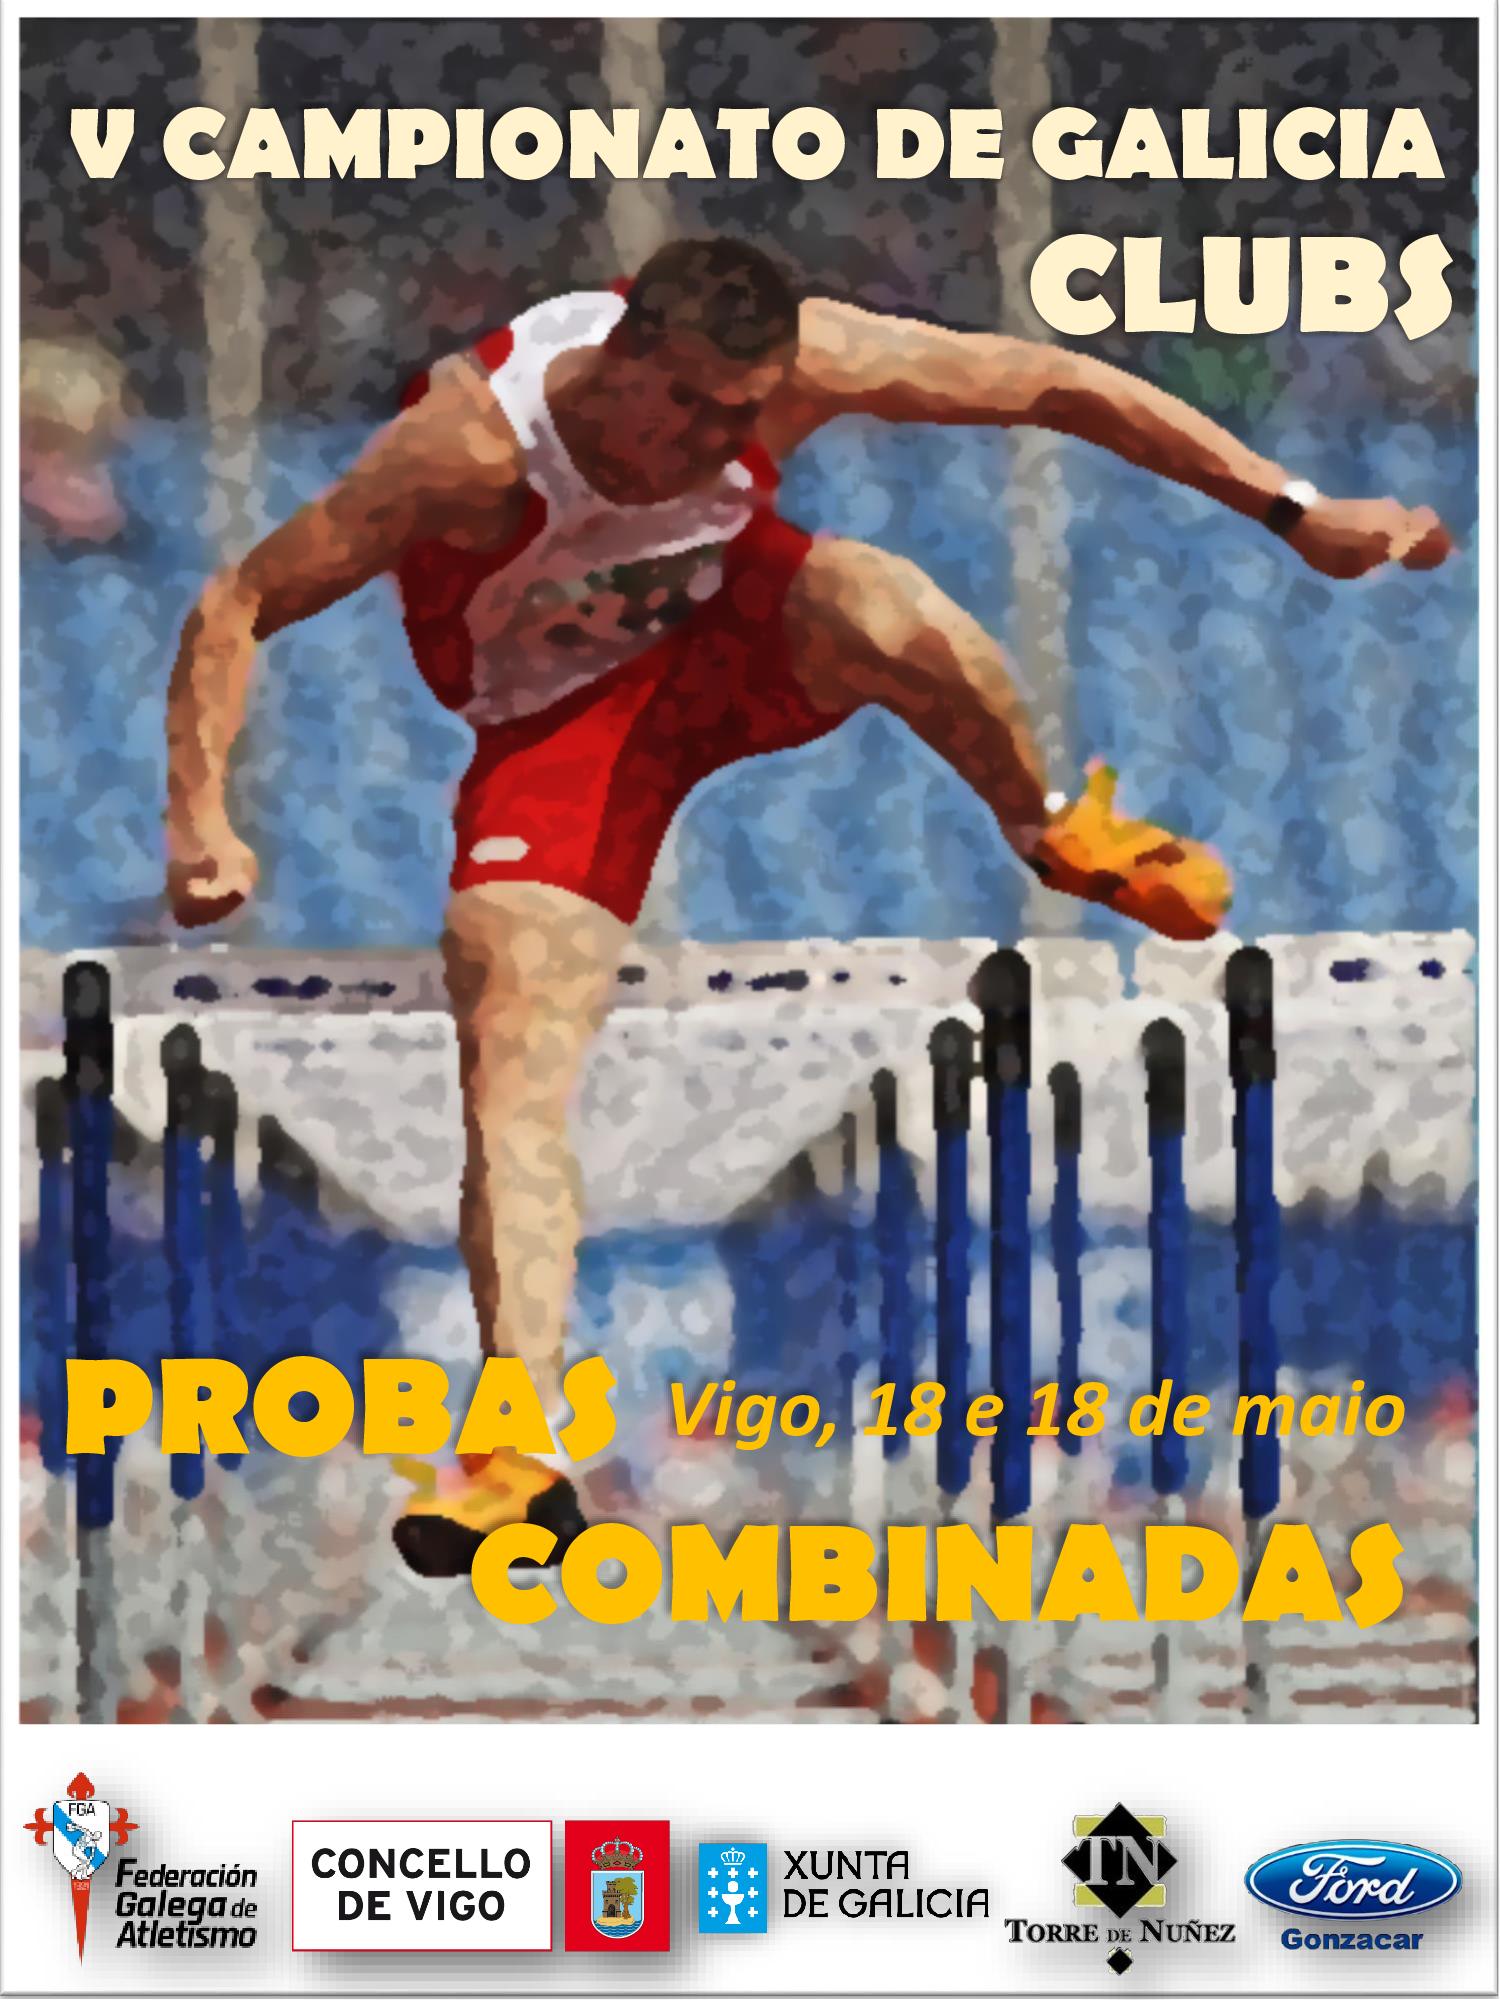 Campionato de Galicia de Clubs de Probas Combinadas 2018/2019